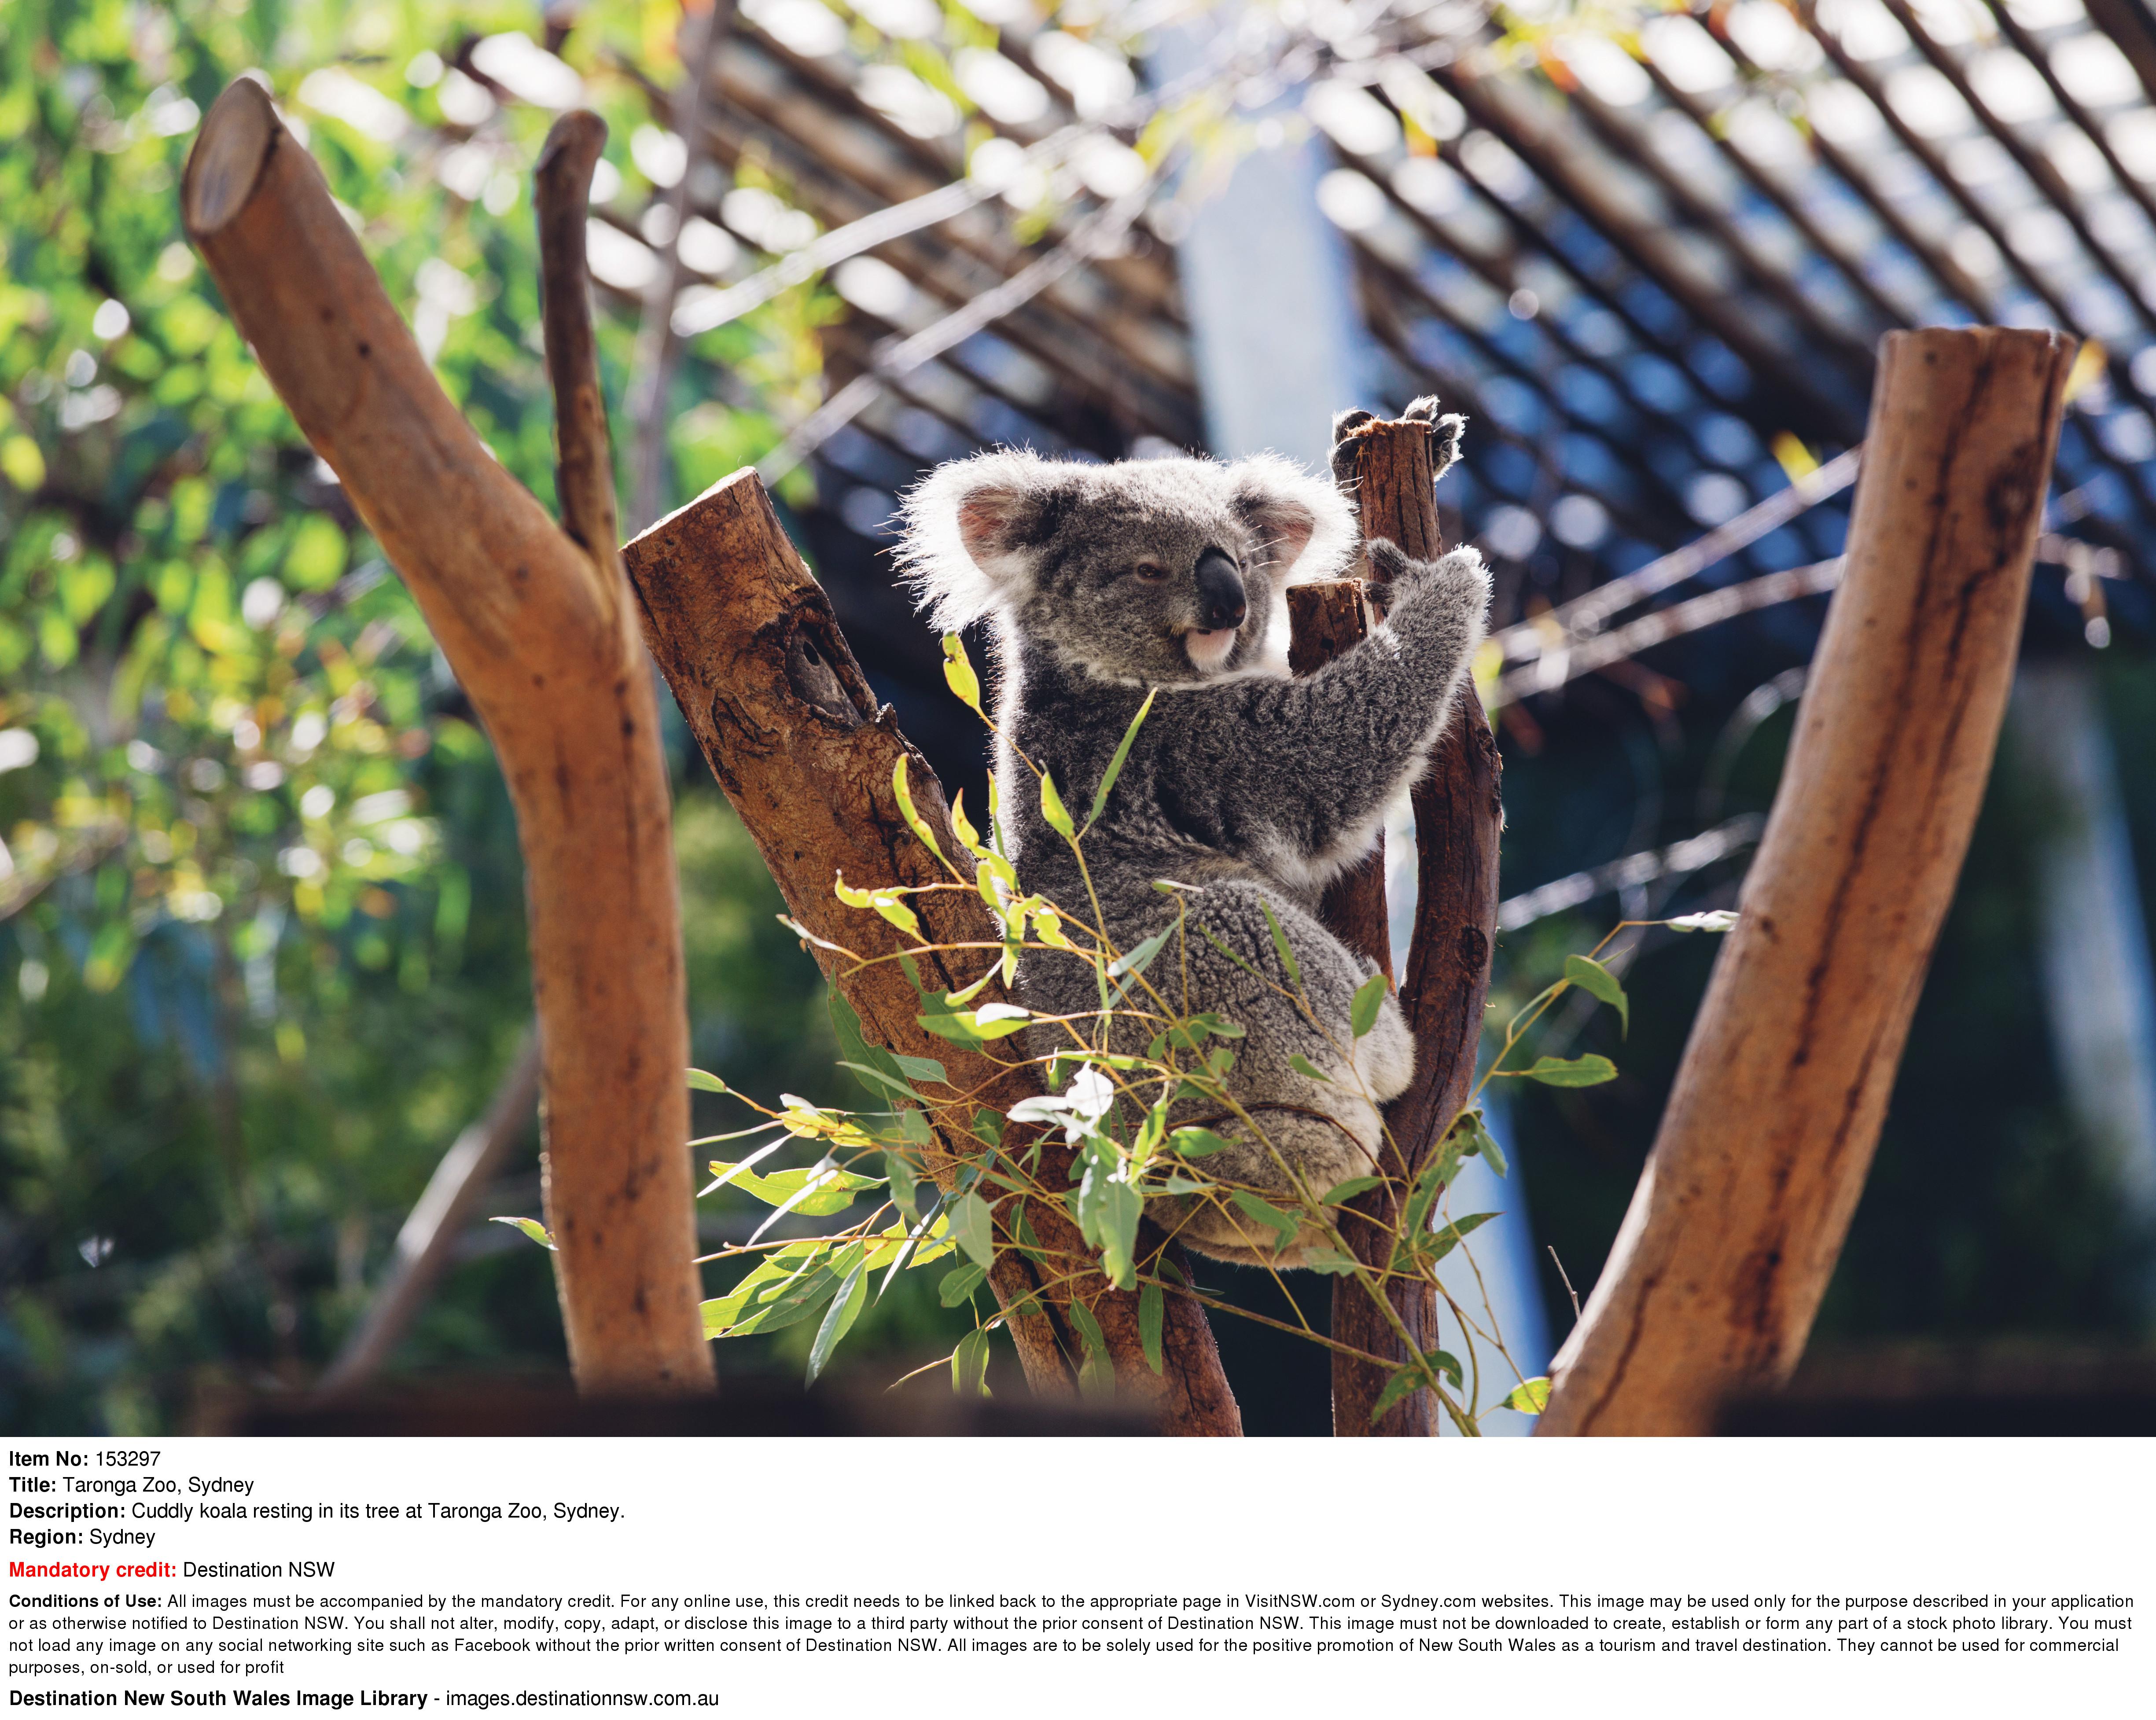 【食玩瞓】包Sydney Taronga Zoo 門票連纜車 | 國泰航空悉尼自由行套票4-31天